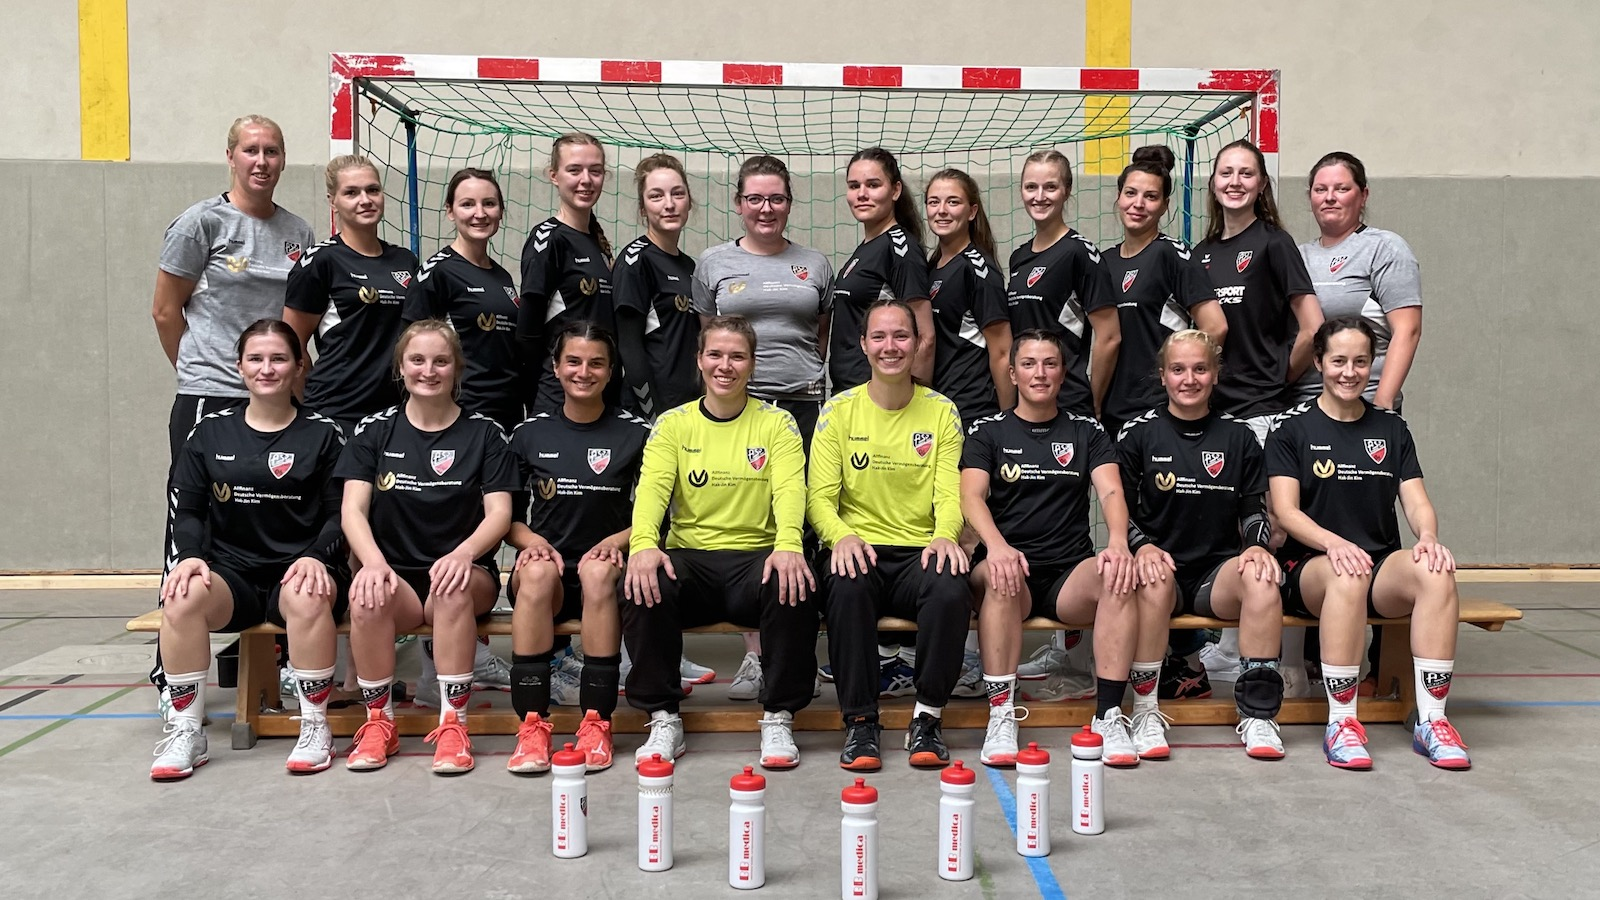 Mannschaftsfoto Damen1 2021-noresize